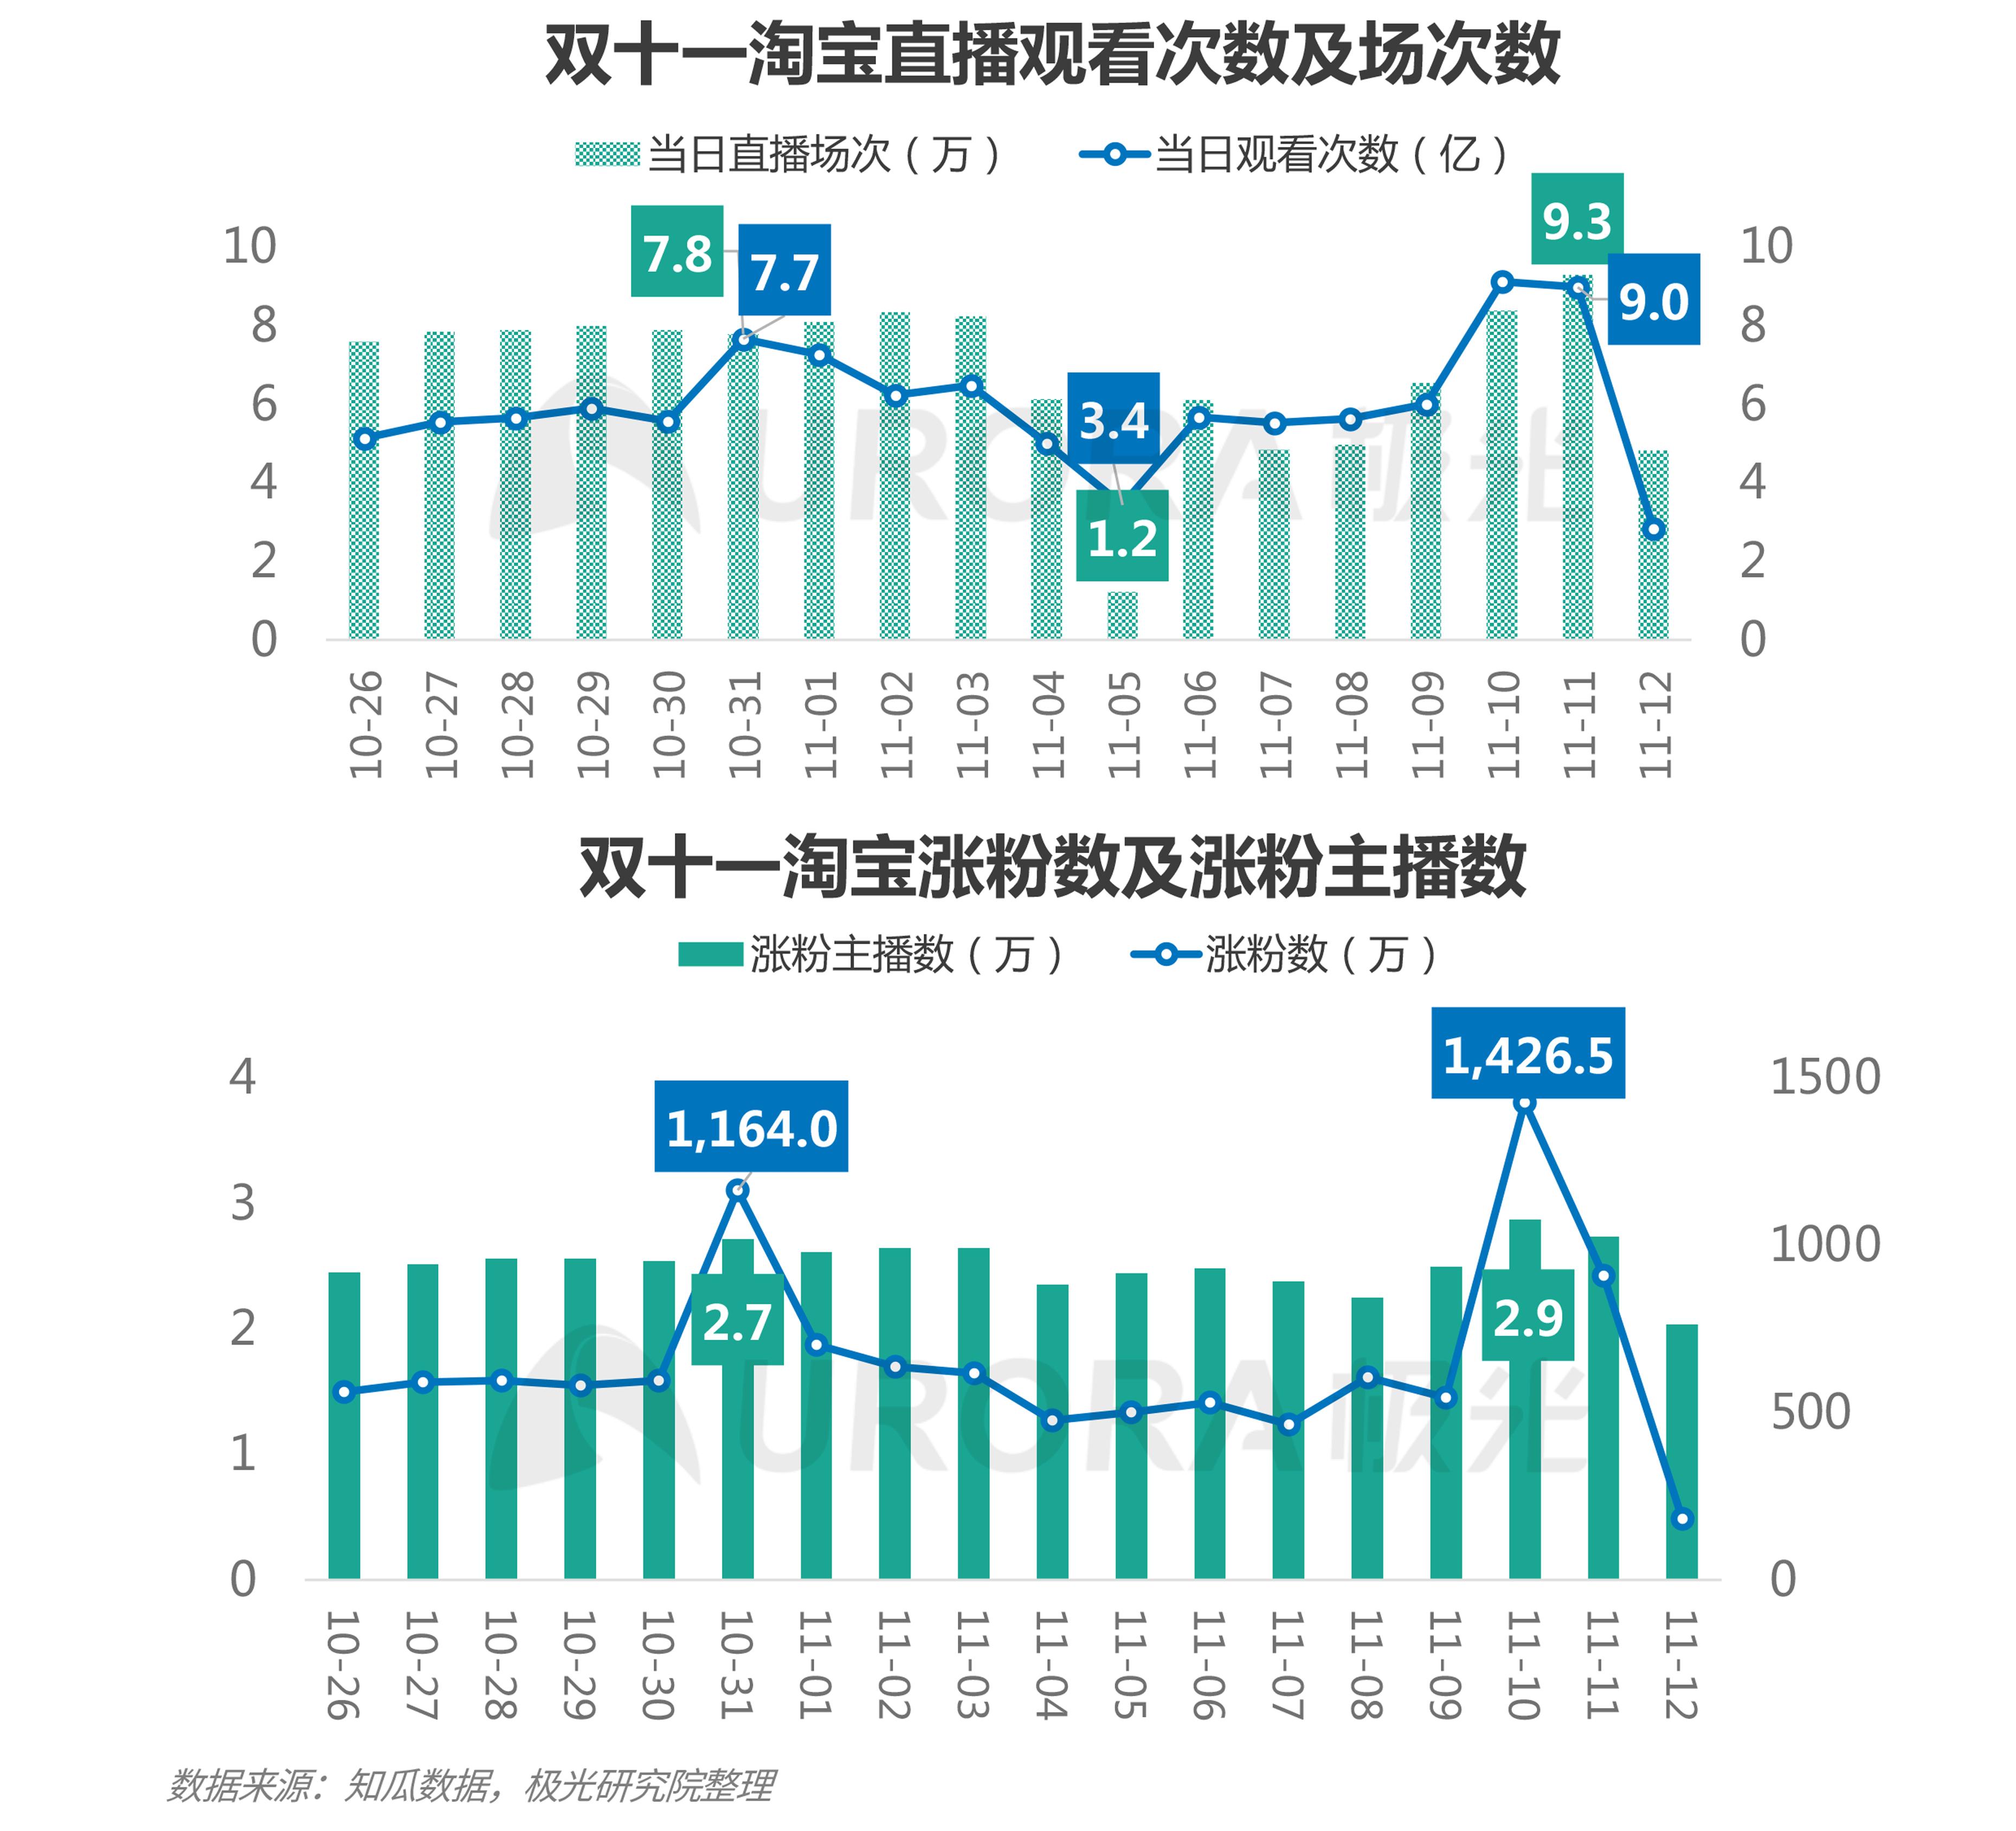 极光:双十一电商报告 (13).png